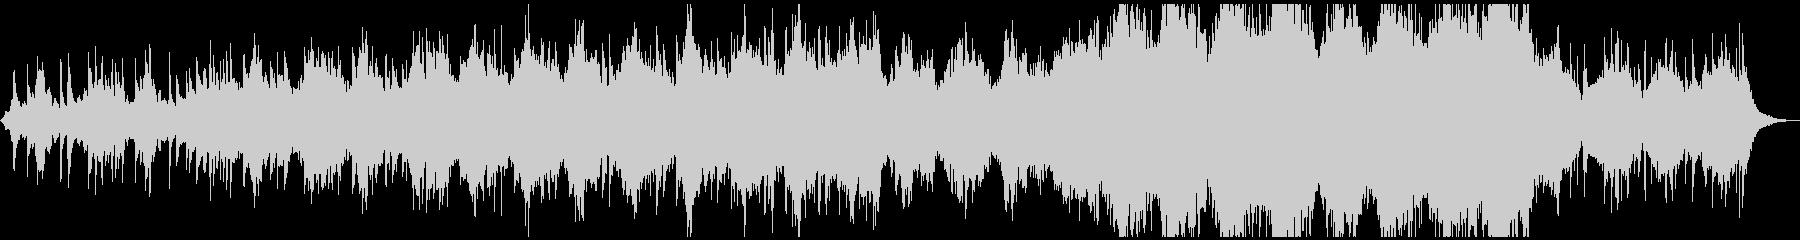 感情的な劇的な背景オーケストラトラックの未再生の波形